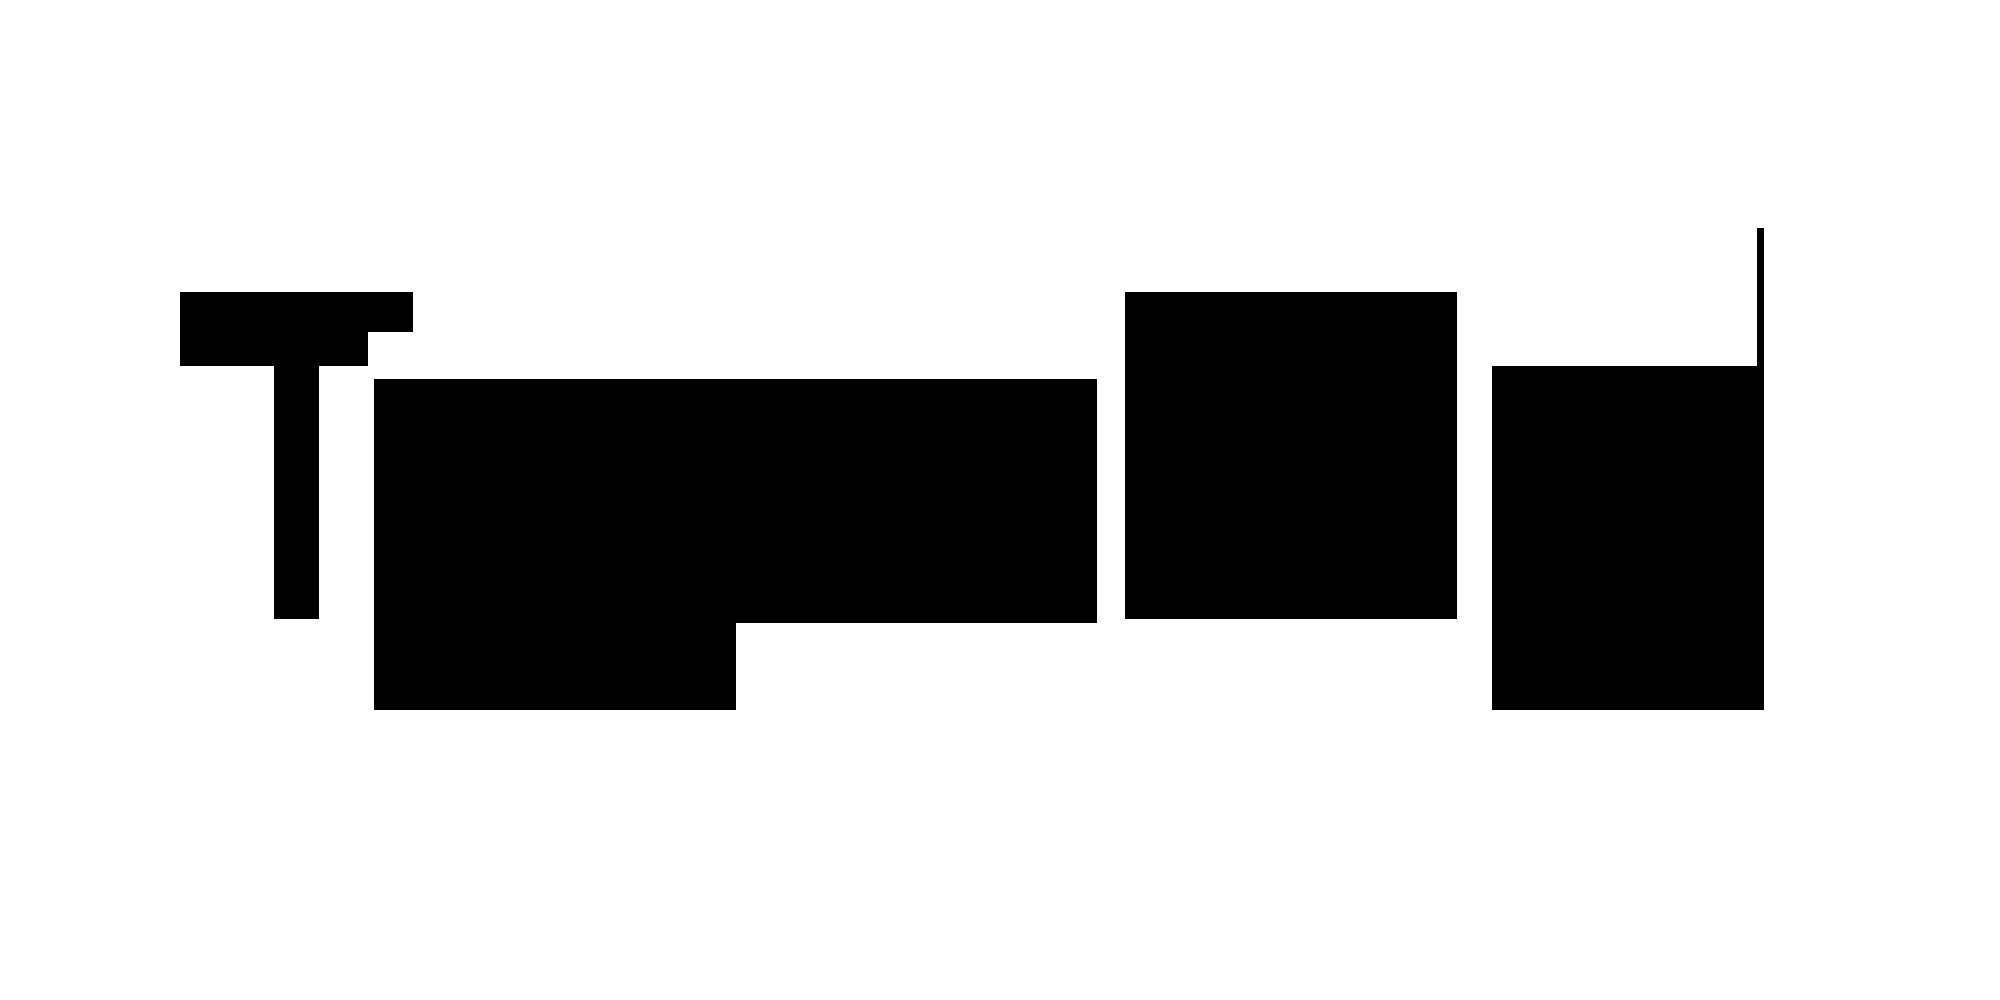 TypeMe1